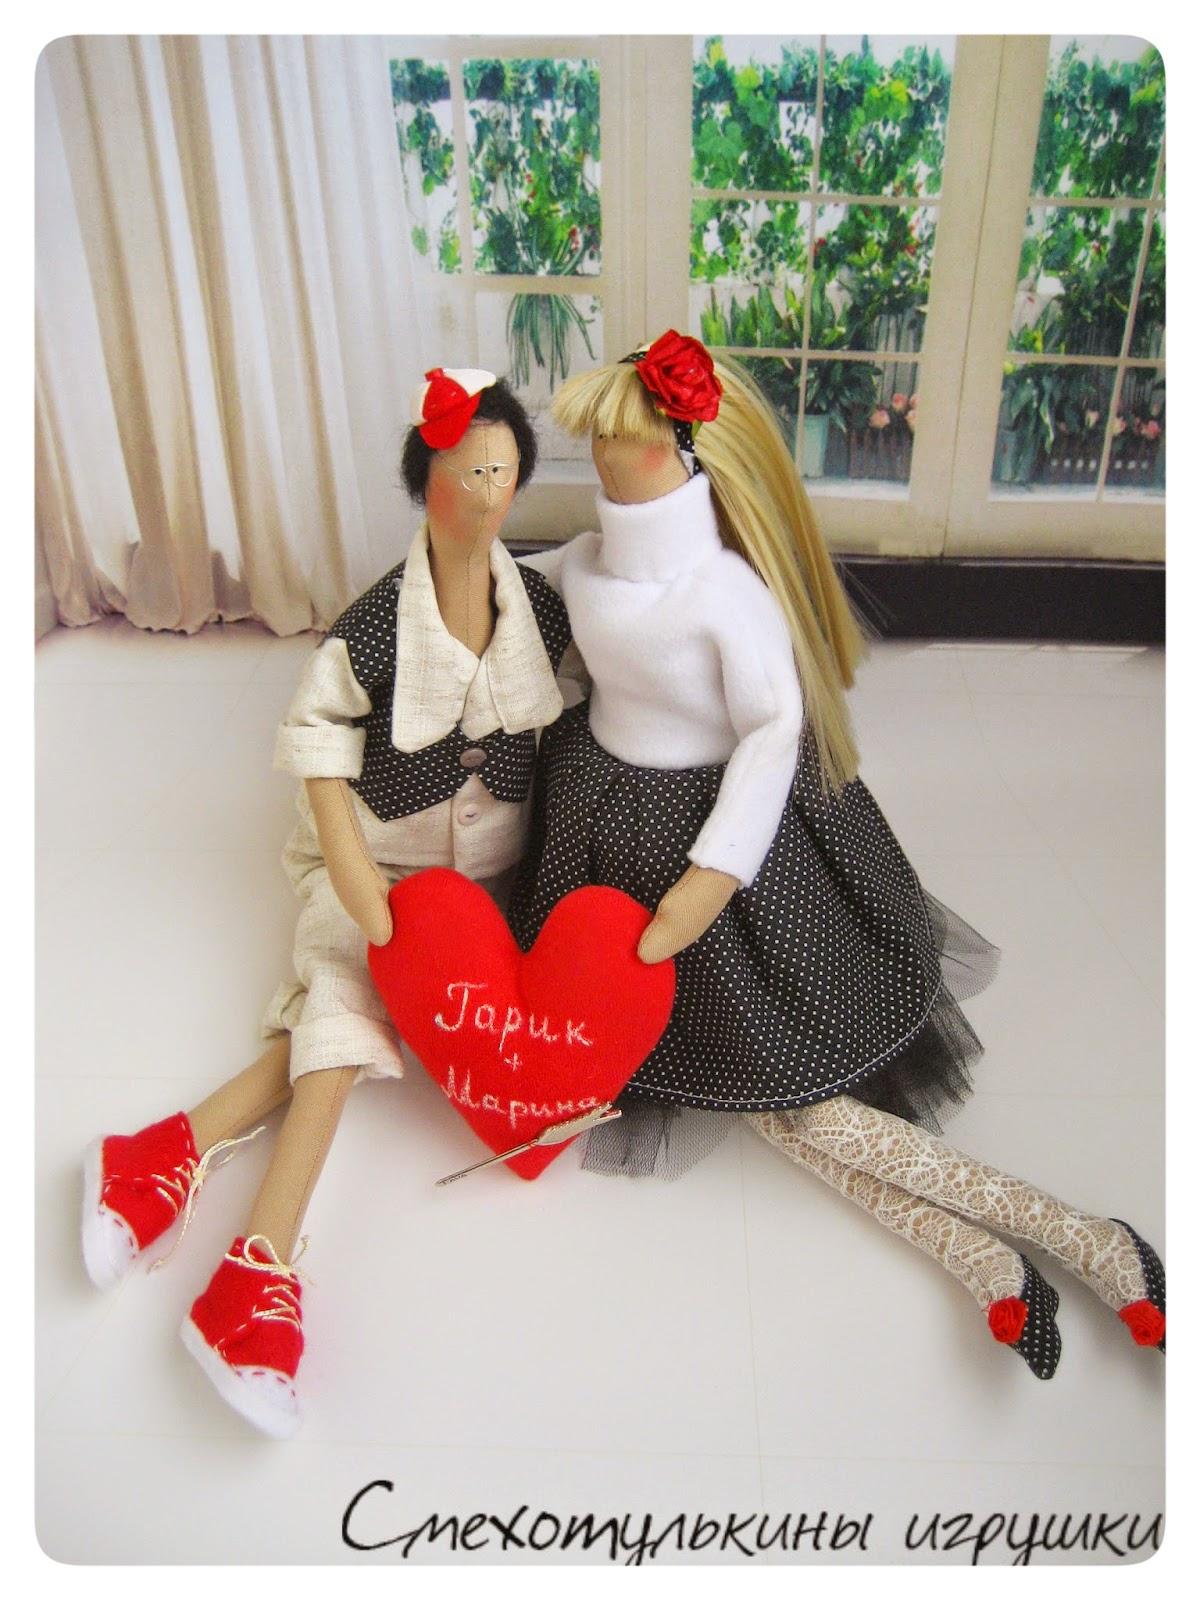 Влюбленная парочка в стиле тильда